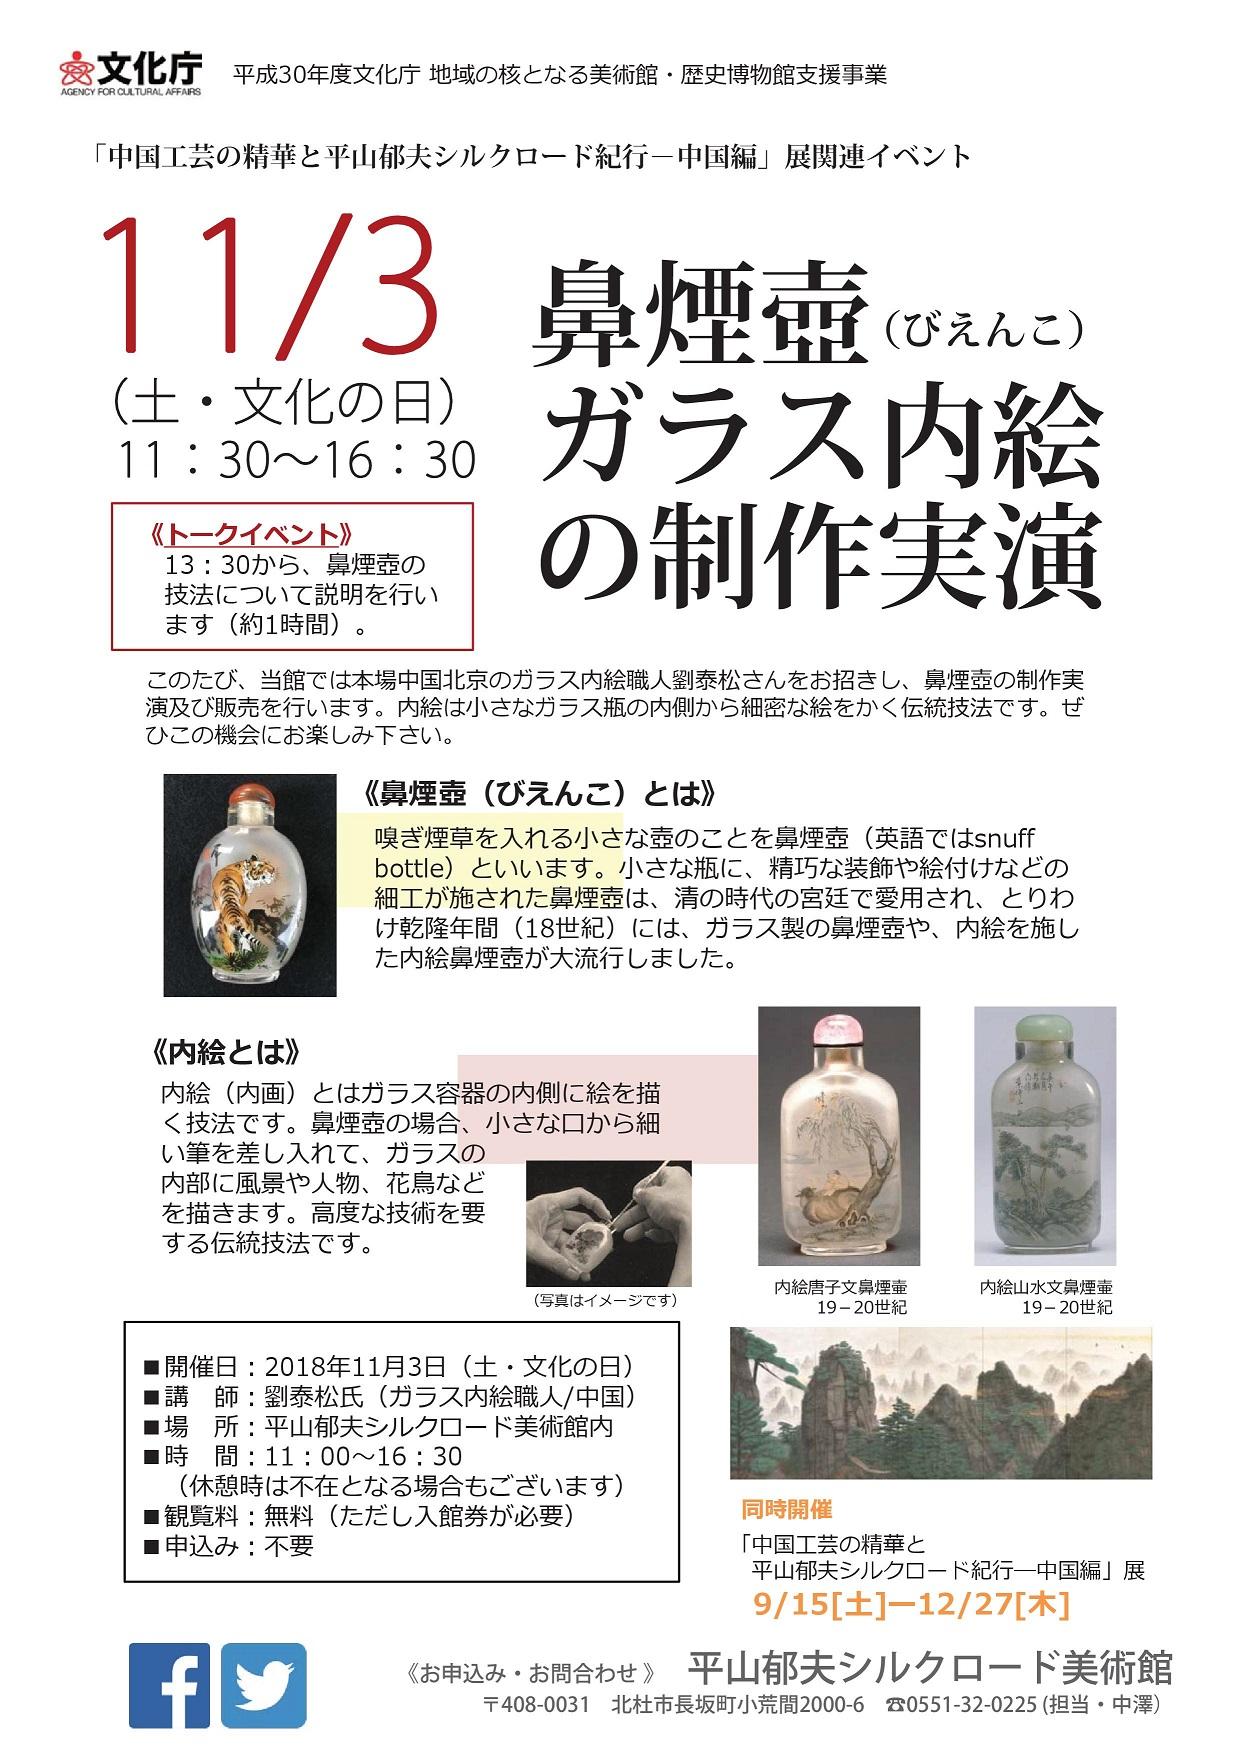 20181103_内絵実演チラシ